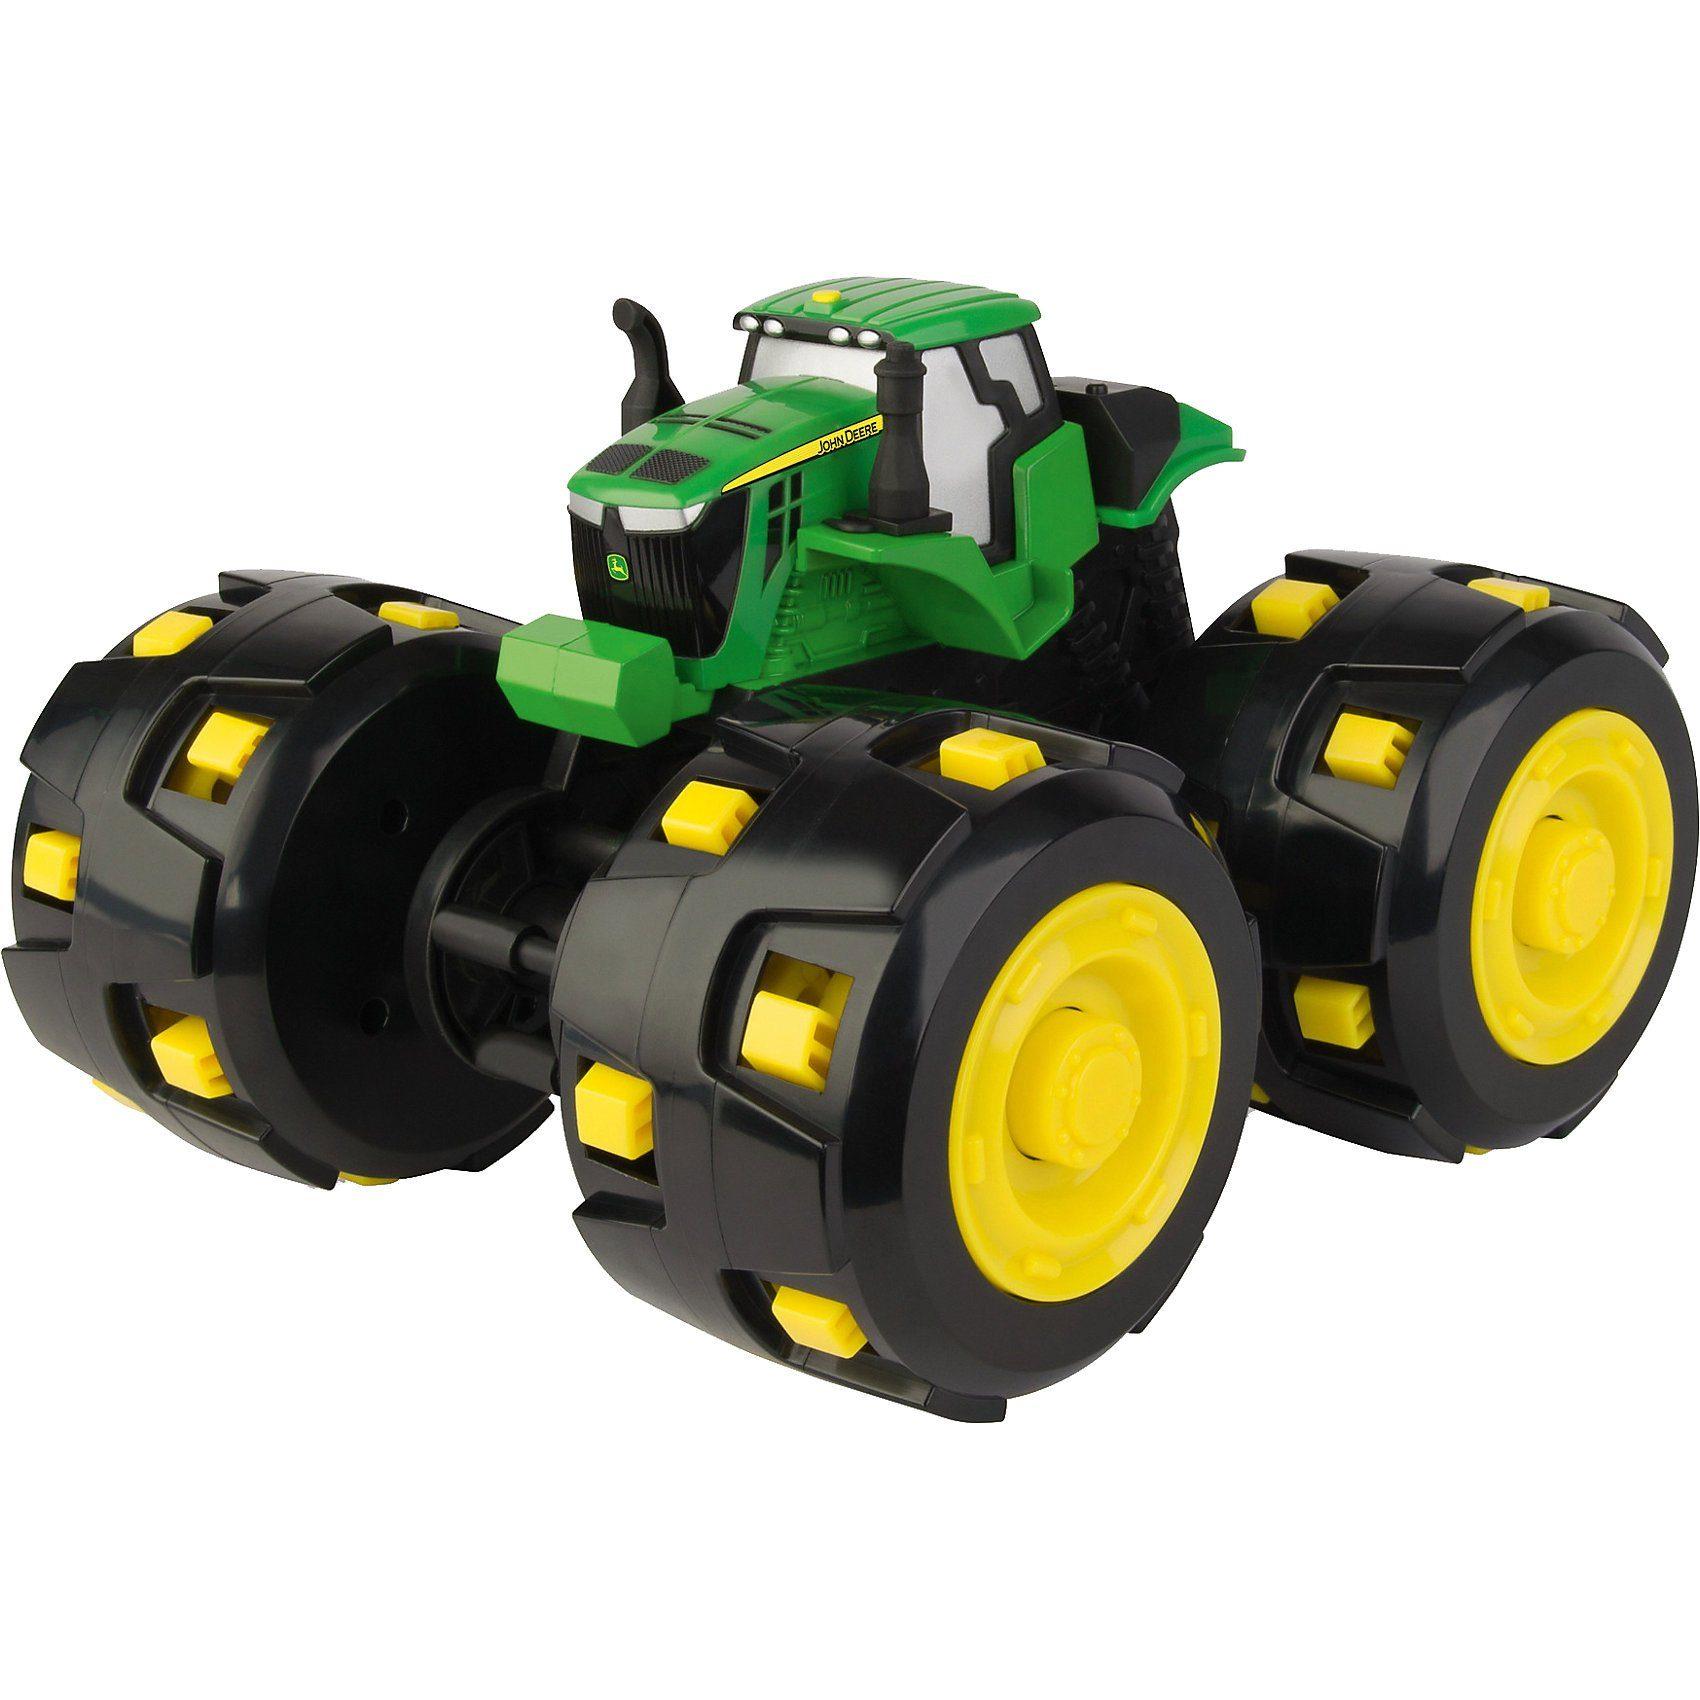 Tomy® John Deere Monster Treads Spike Räder